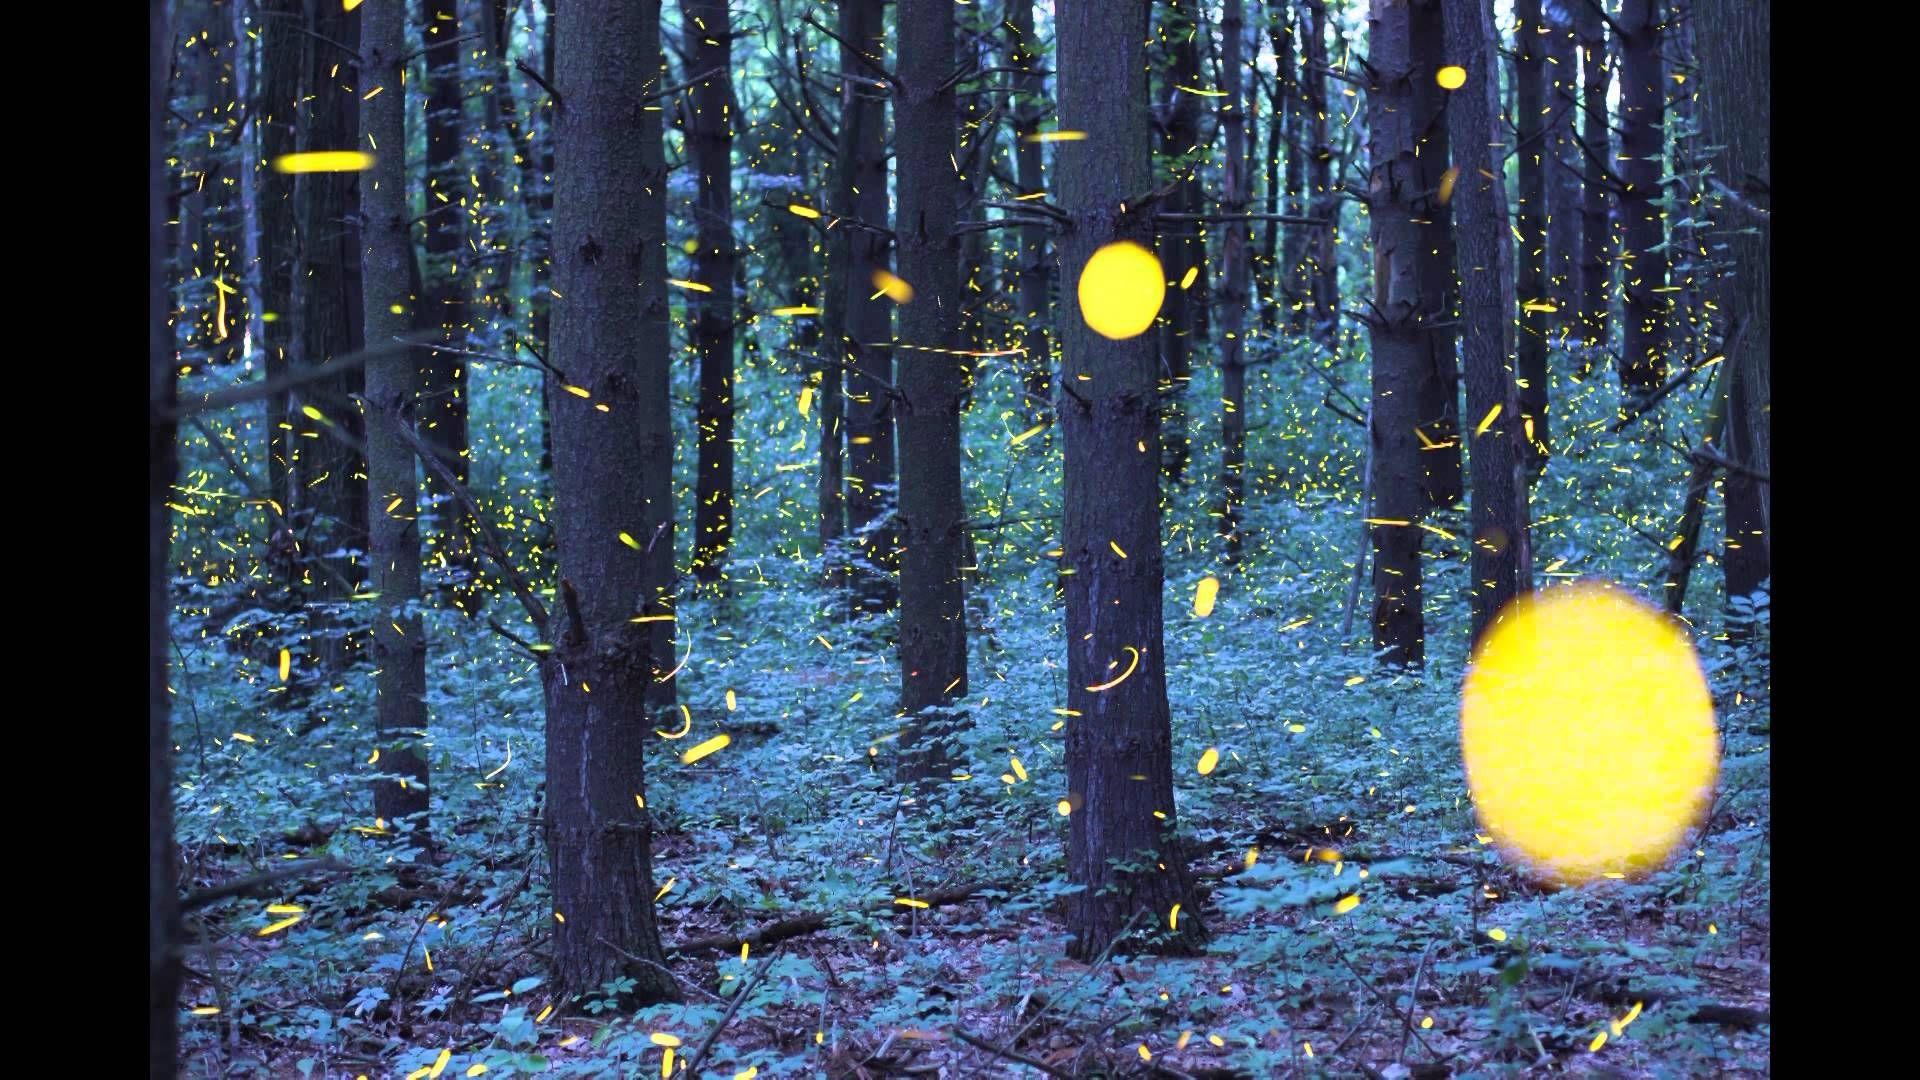 Glühwürmchen im Zeitraffer - The Firefly Timelapse - http://www.dravenstales.ch/gluehwuermchen-im-zeitraffer-the-firefly-timelapse/